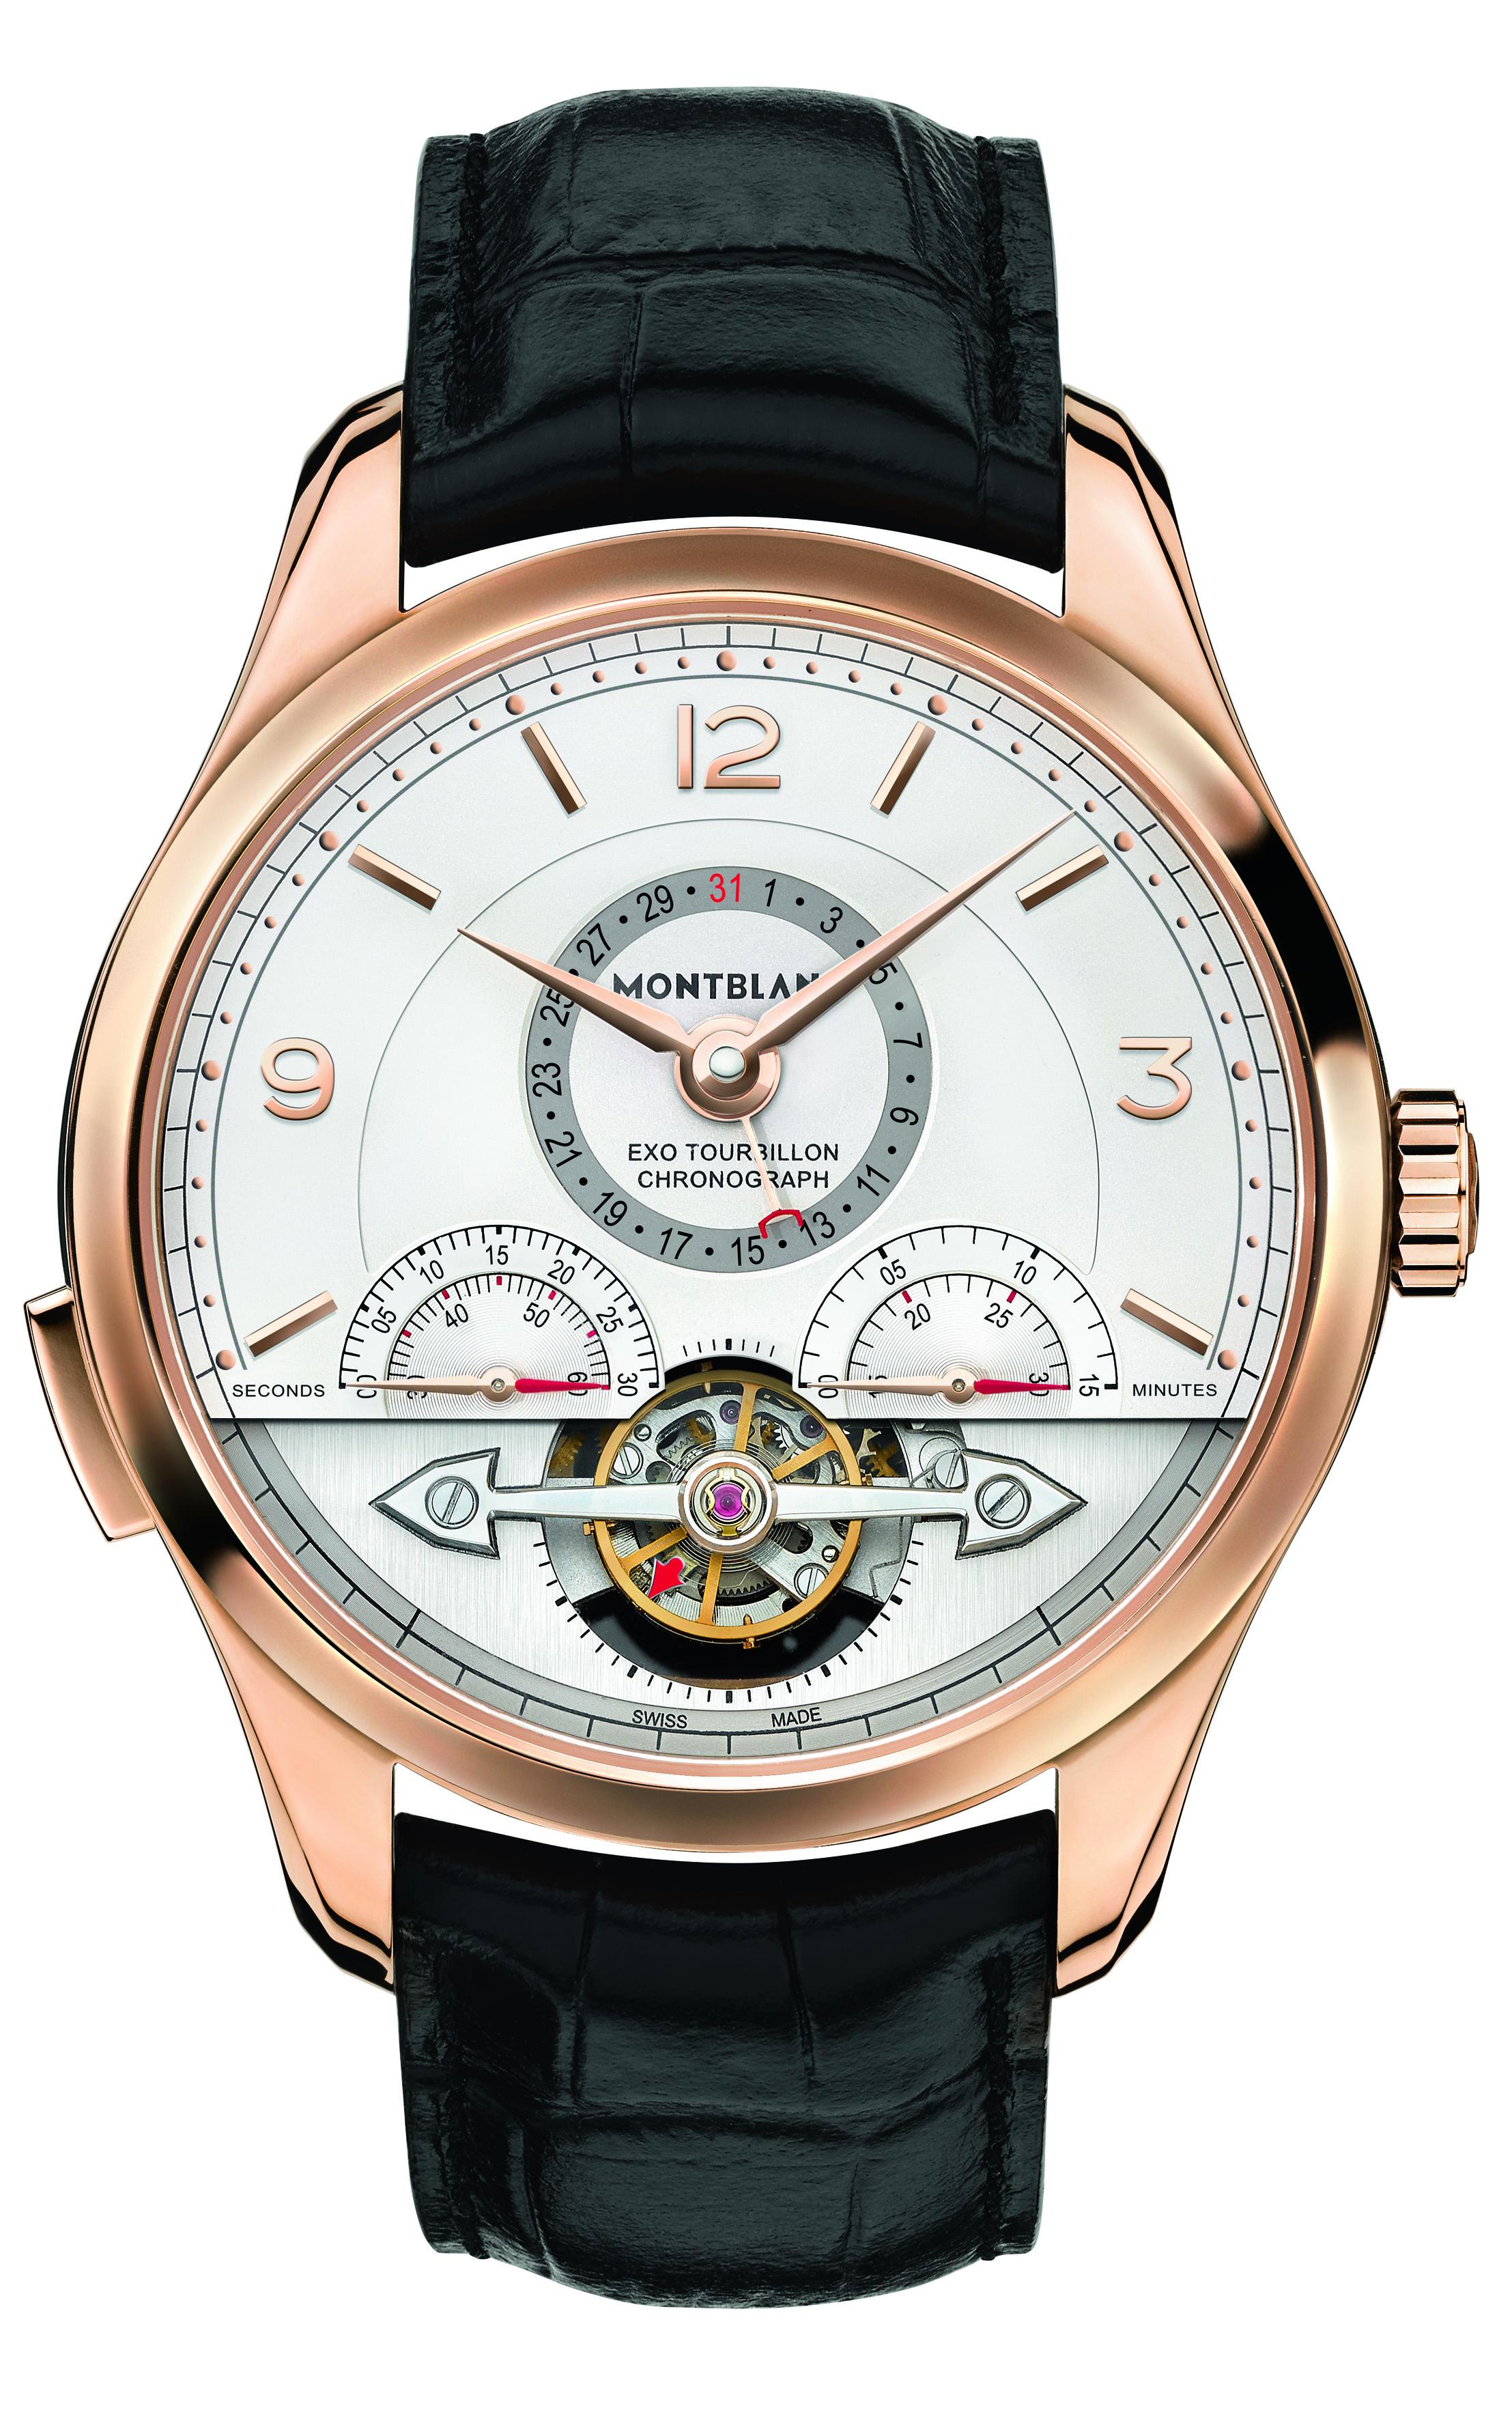 Montblanc présente la collection Heritage Chronométrie : ExoTourbillon Minute Chronograph